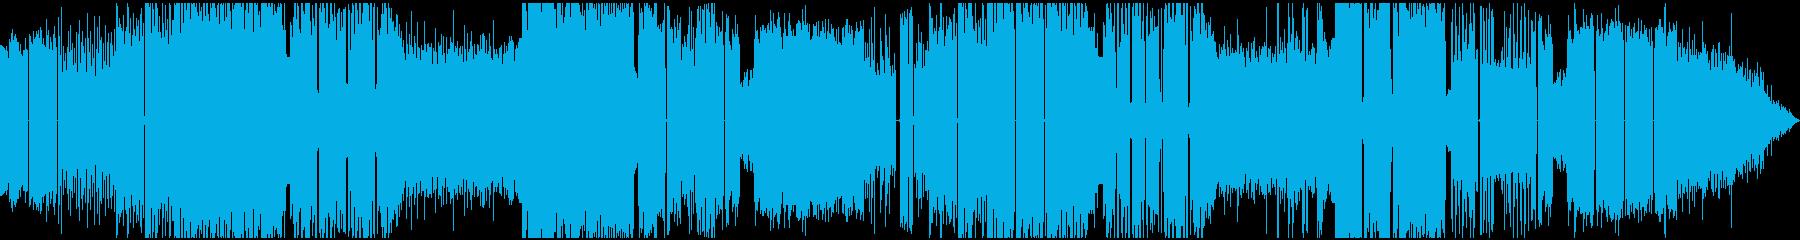 明るいエスニック風エレクトロニックハウスの再生済みの波形